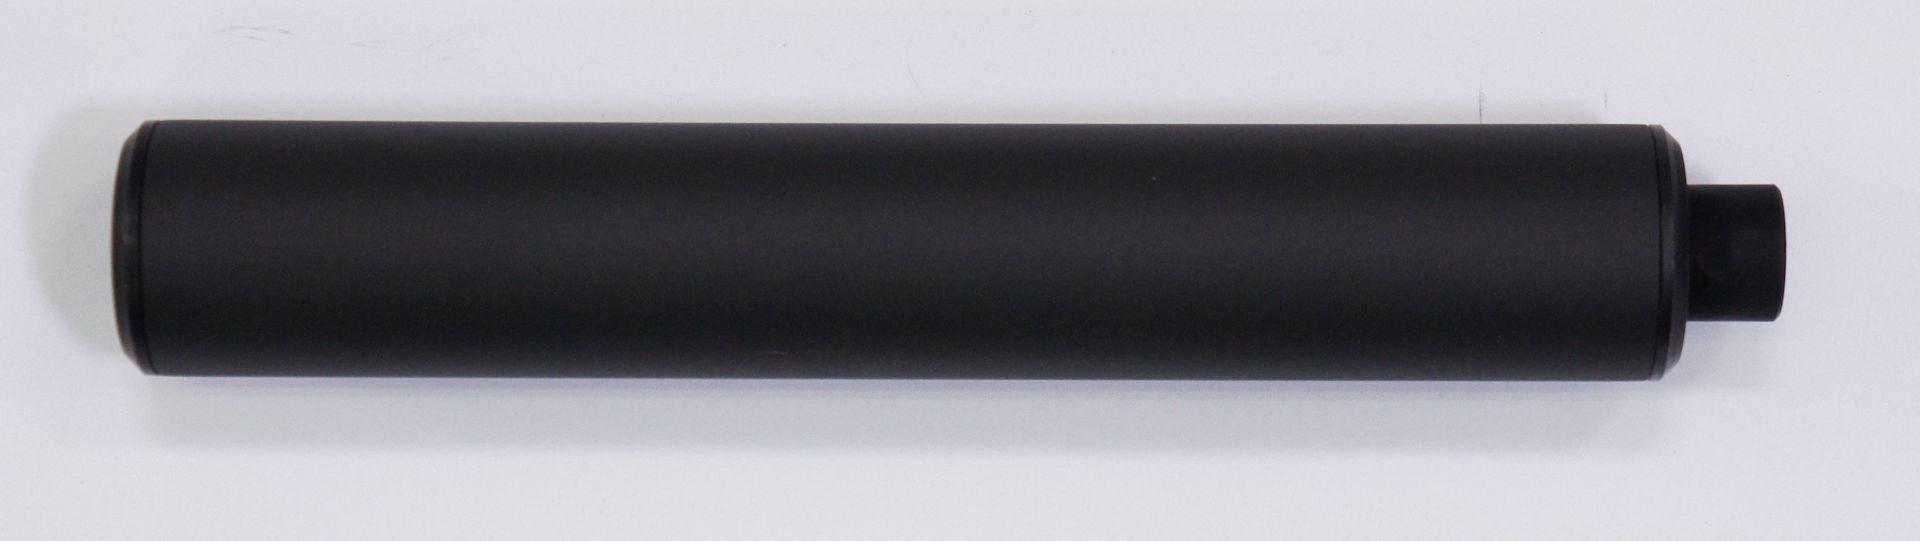 Schalldämpfer der Marke Weihrauch für Luftgewehr mit Innengewinde 0.5 Zoll UNF